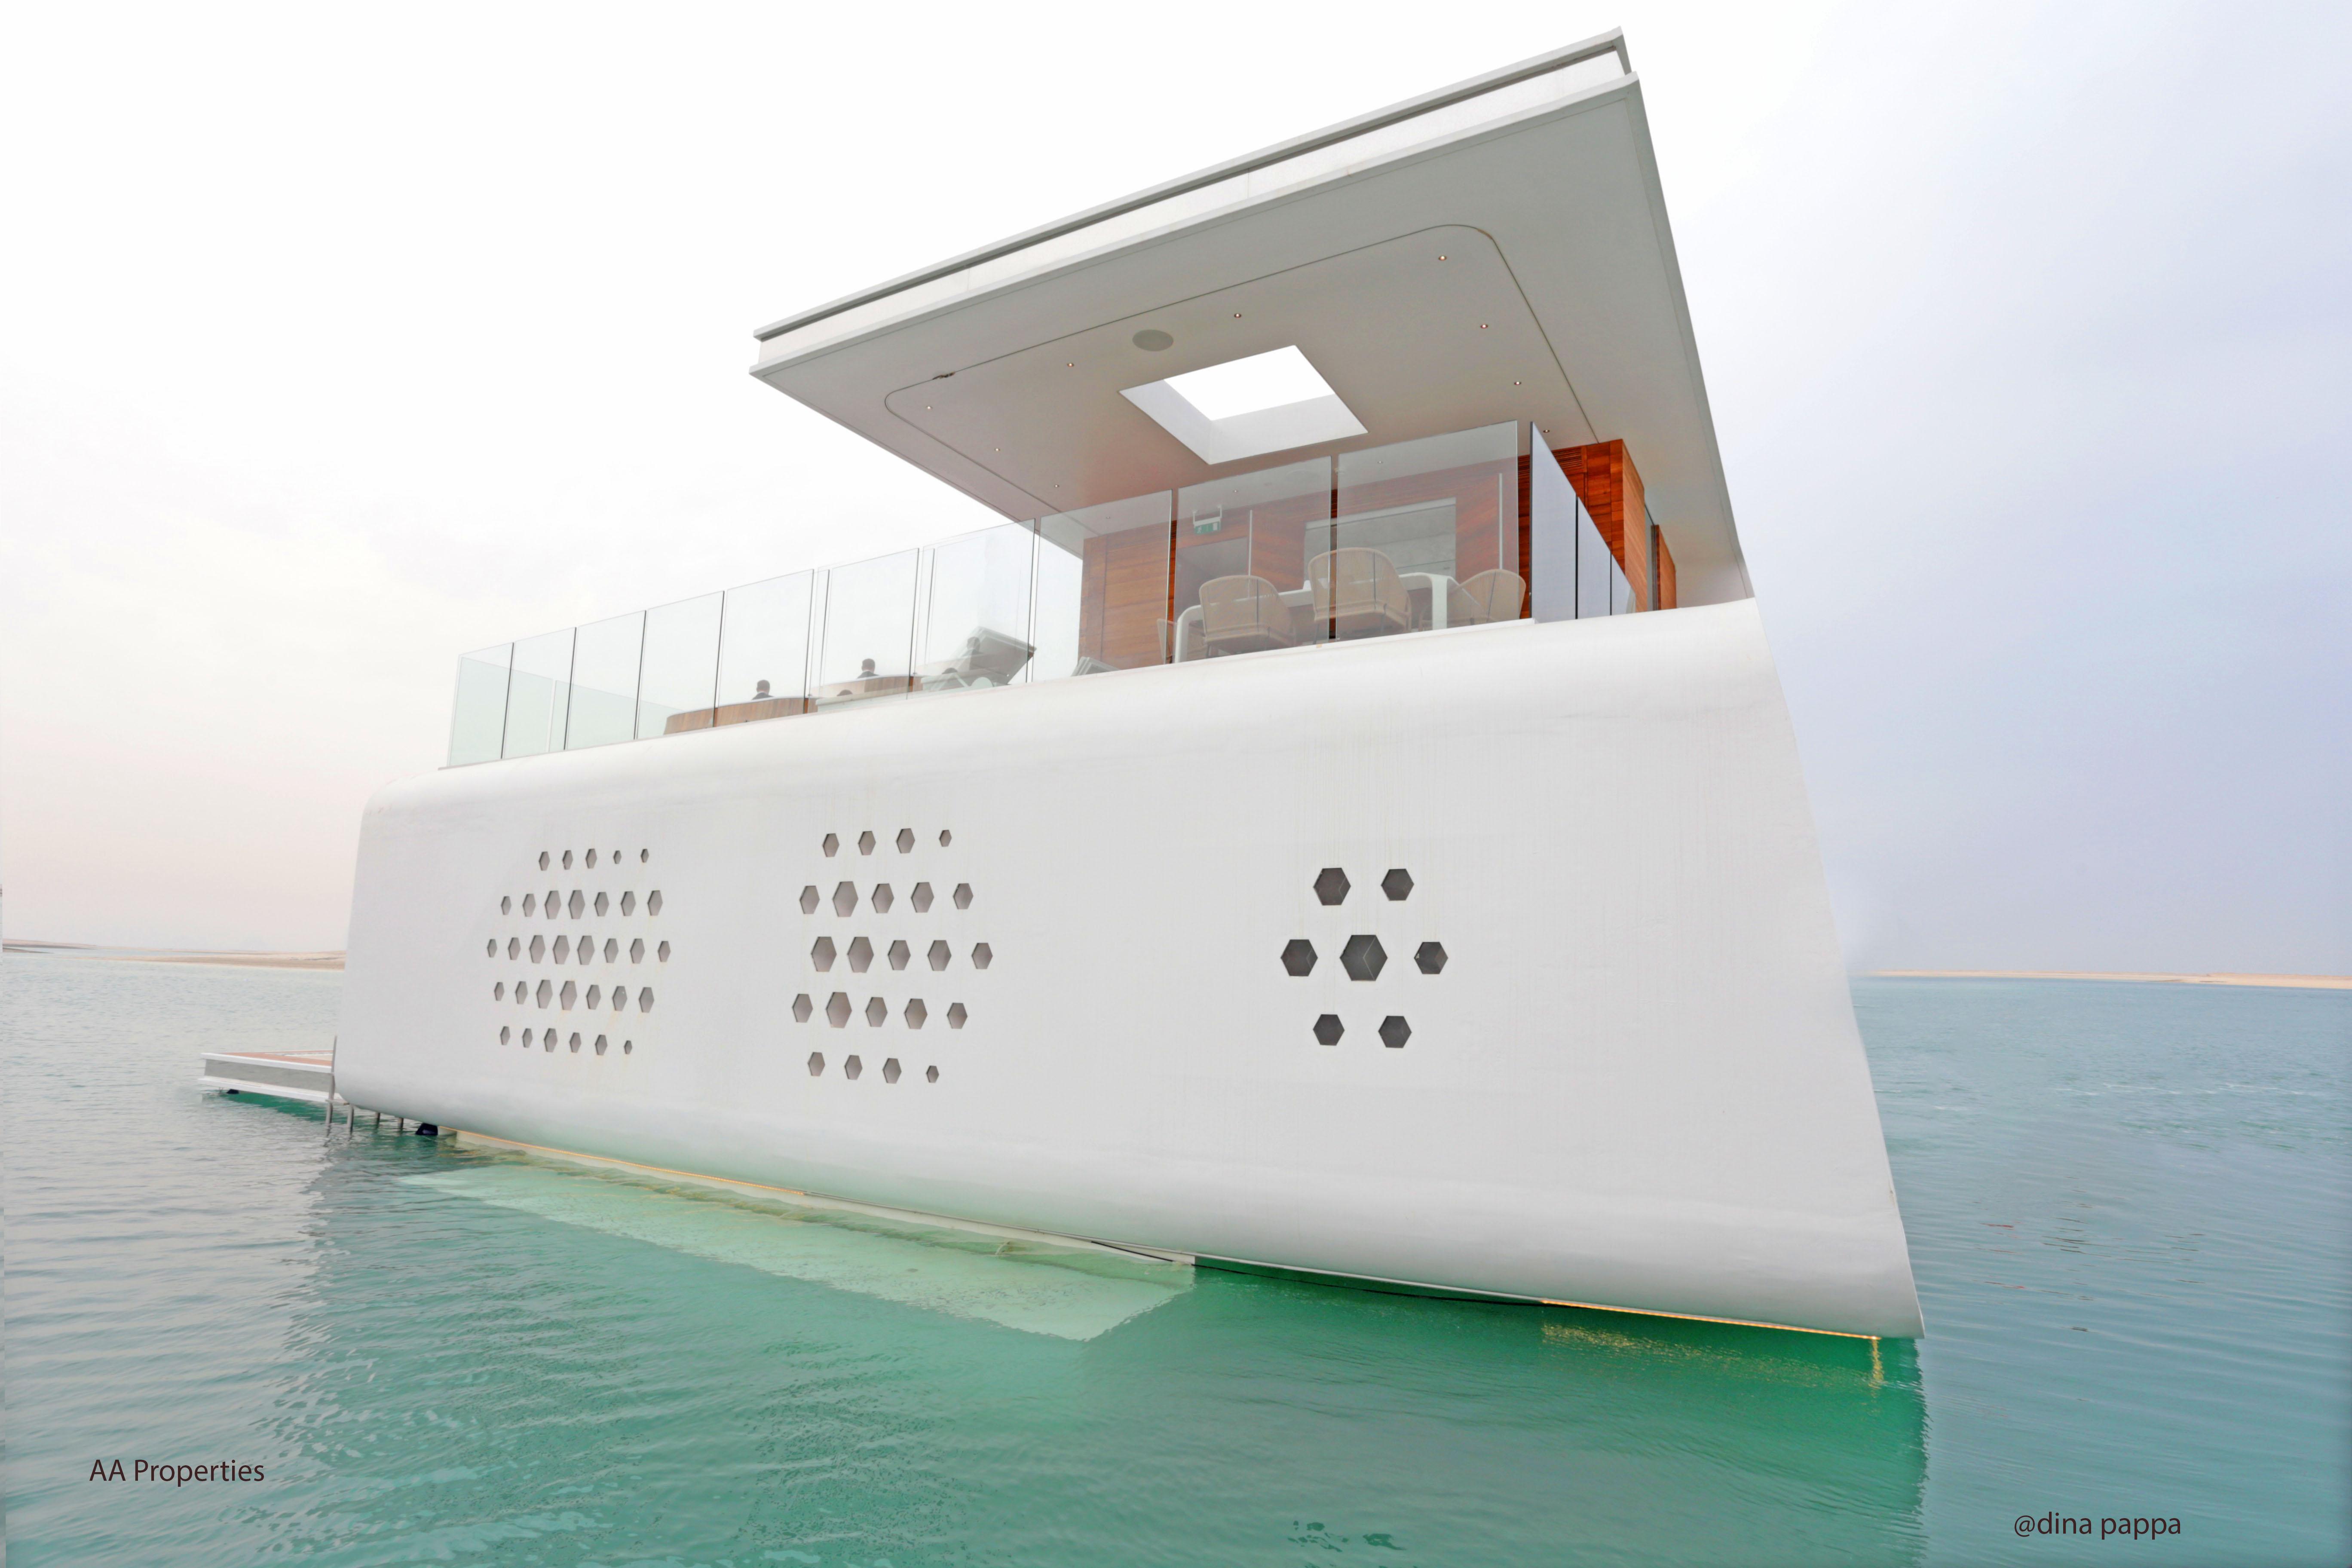 подводные дома, строительство подводных домов, как сделать подводный дом, подводный дом фото, дом подводной фото, подводные виллы, подводные виллы в дубае